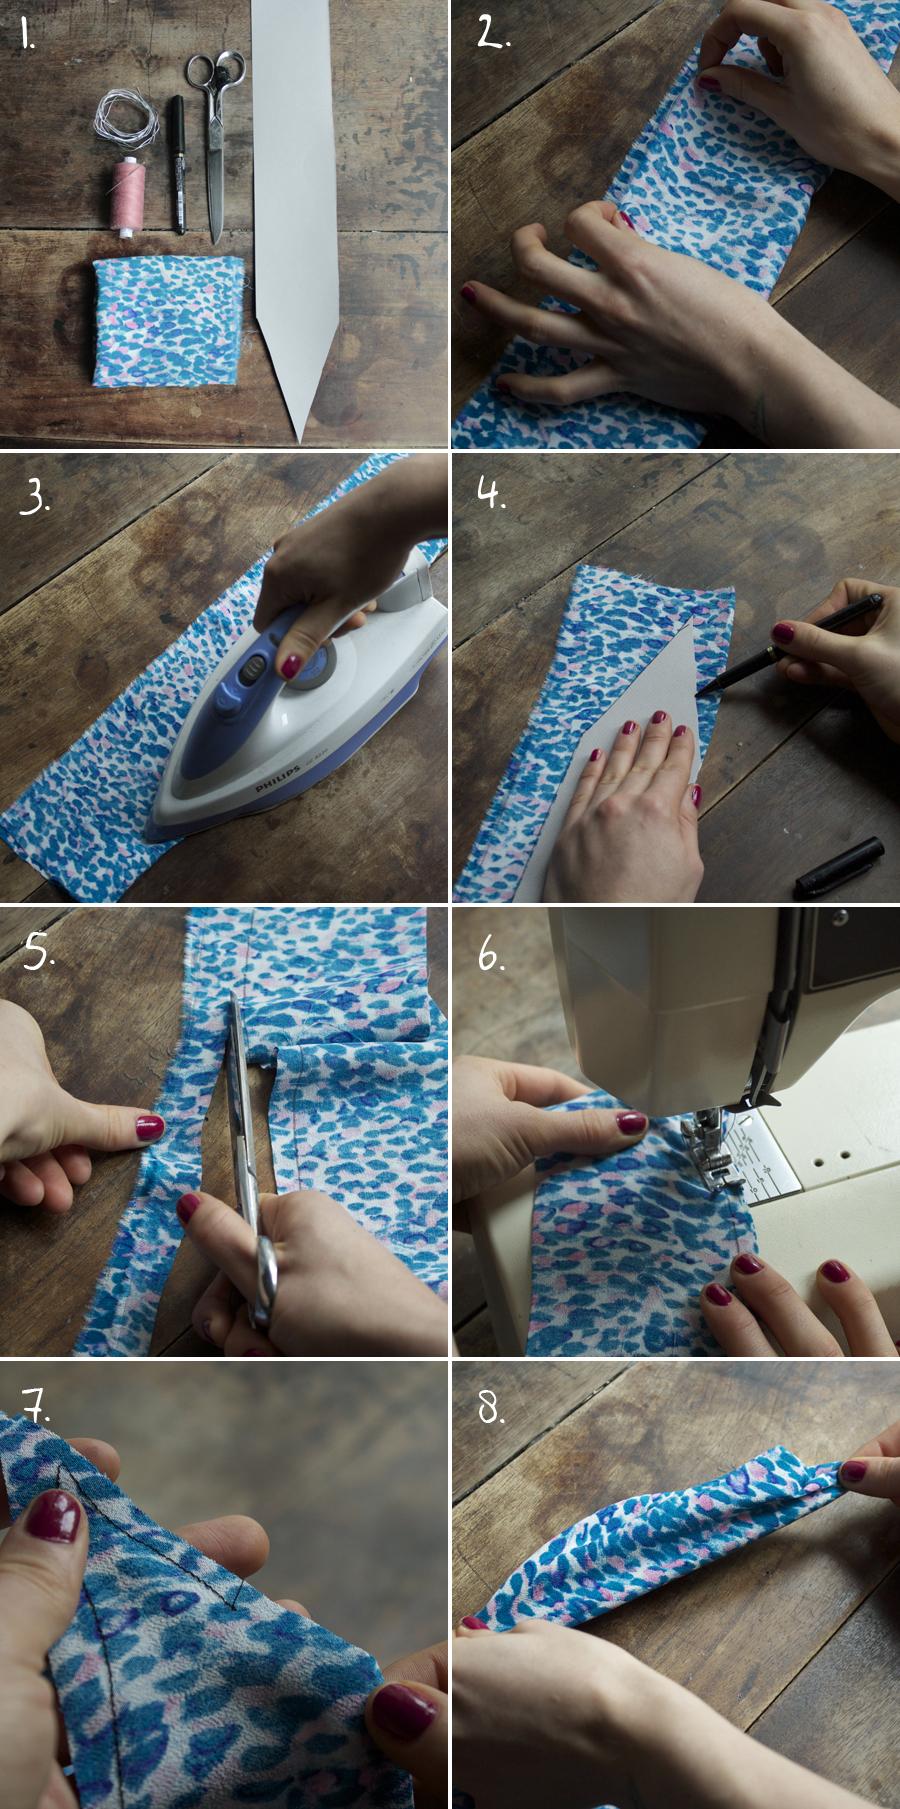 DIY-DU-MERCI-STEP-BY-STEP